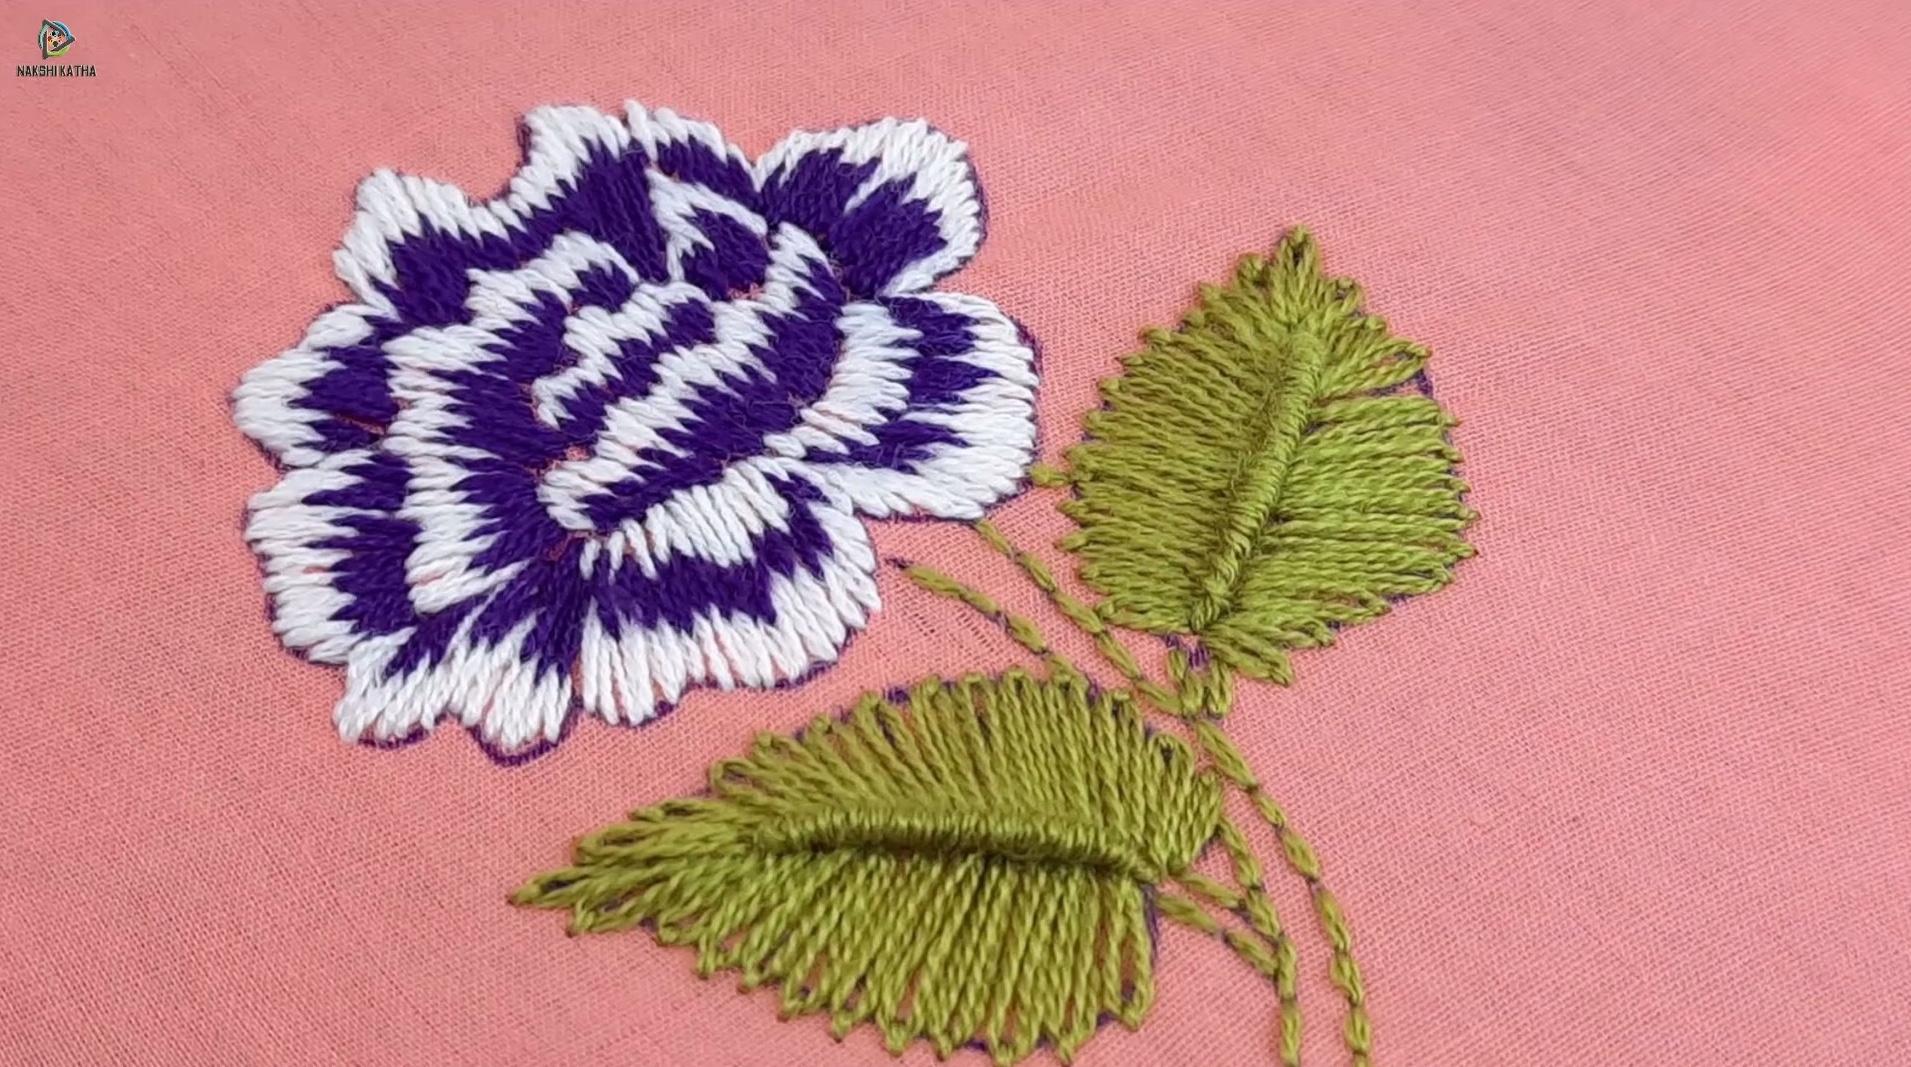 初学者刺绣视频教程:三种颜色一种针法,绣出美丽自然的玫瑰花